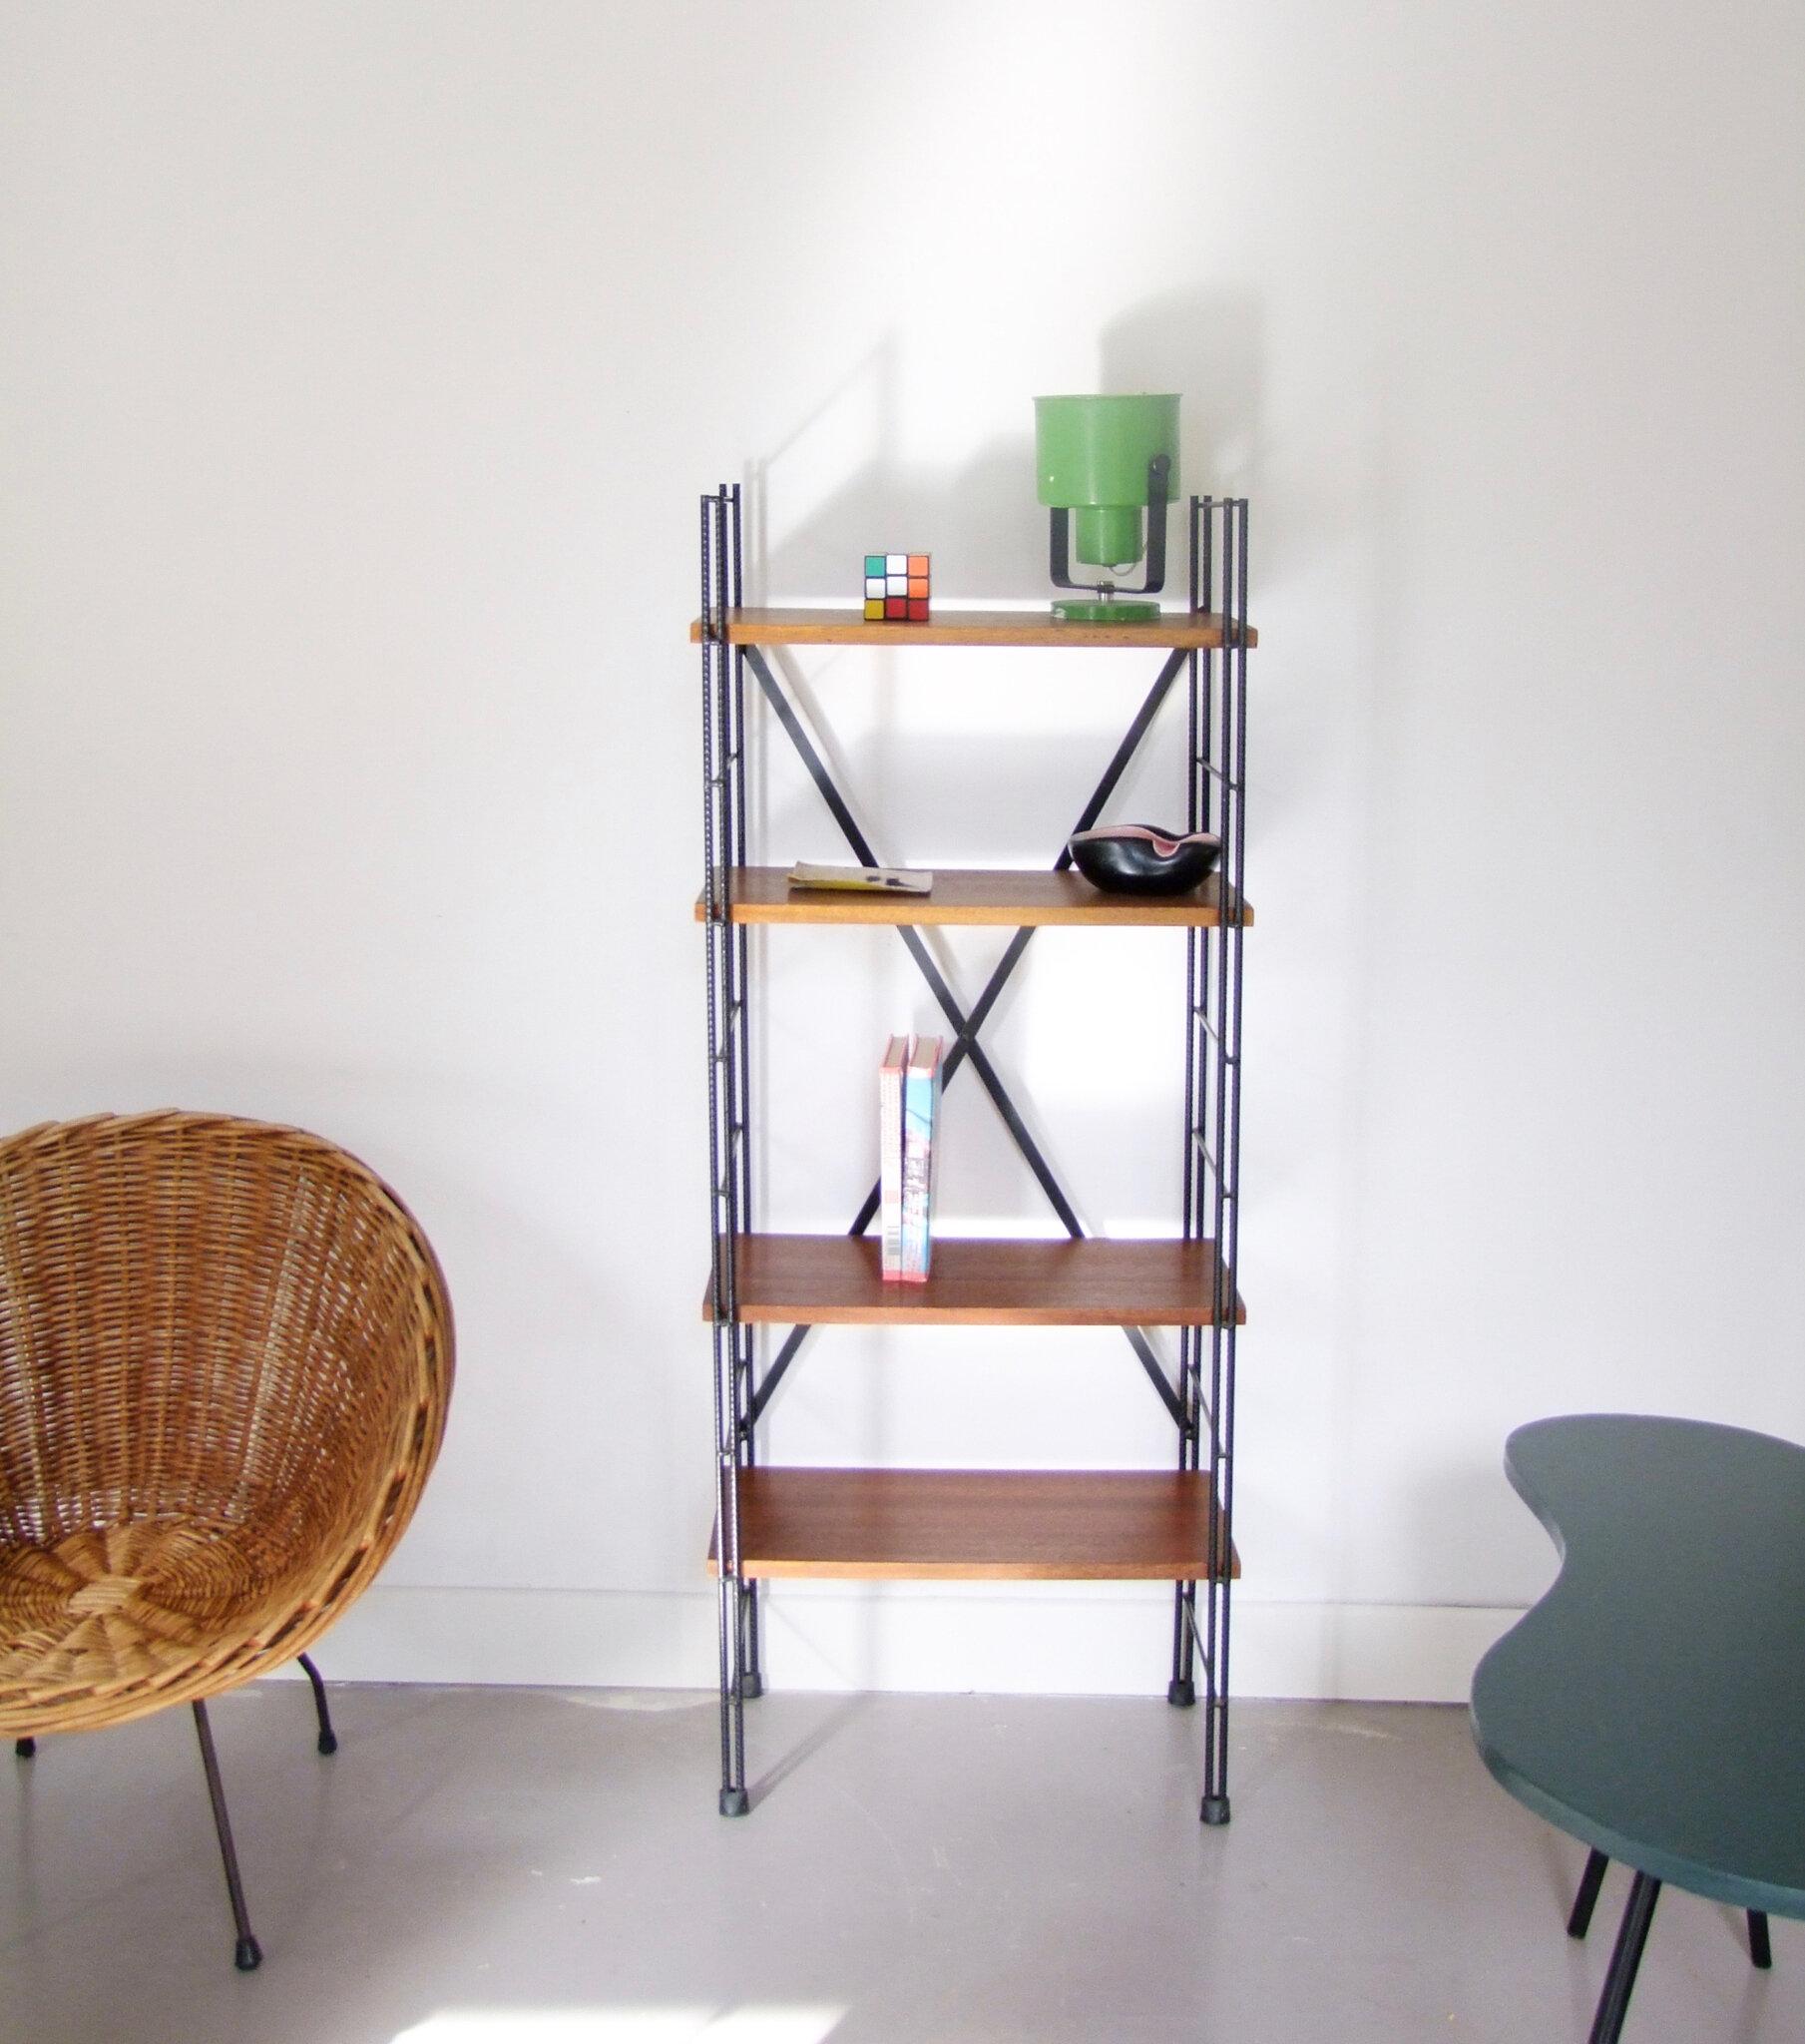 meubles vintage pataluna chin s d nich s et d lur s. Black Bedroom Furniture Sets. Home Design Ideas